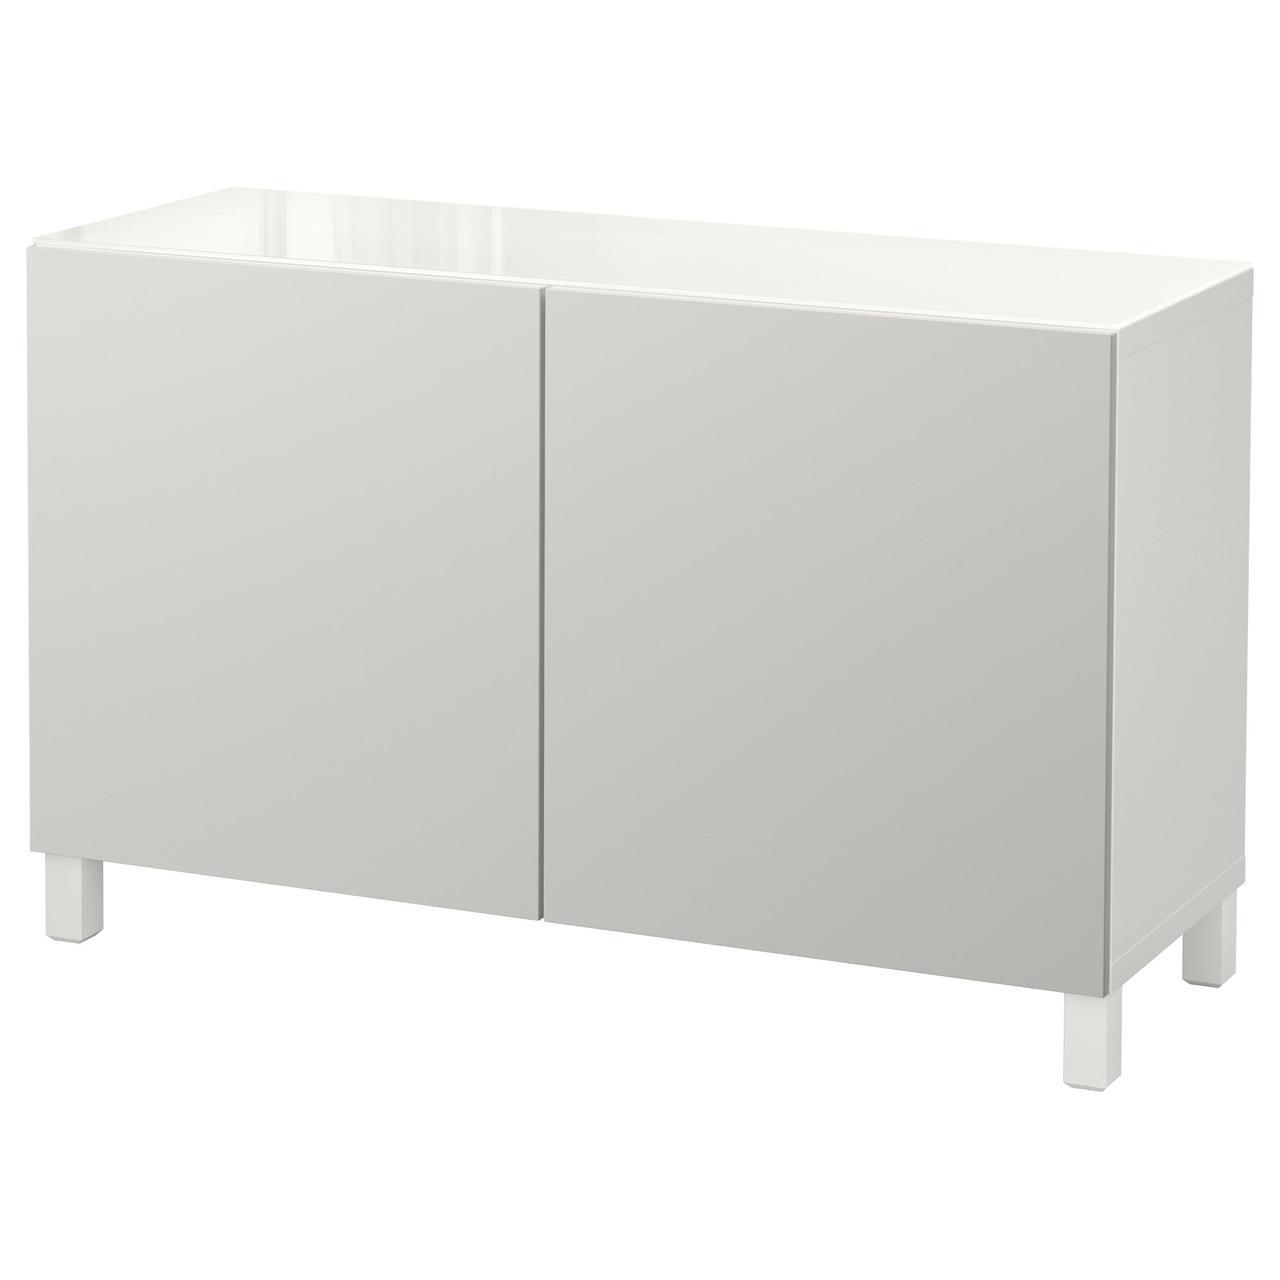 Тумба IKEA BESTÅ 120x40x74 см Lappviken белая светло-серая 192.101.59